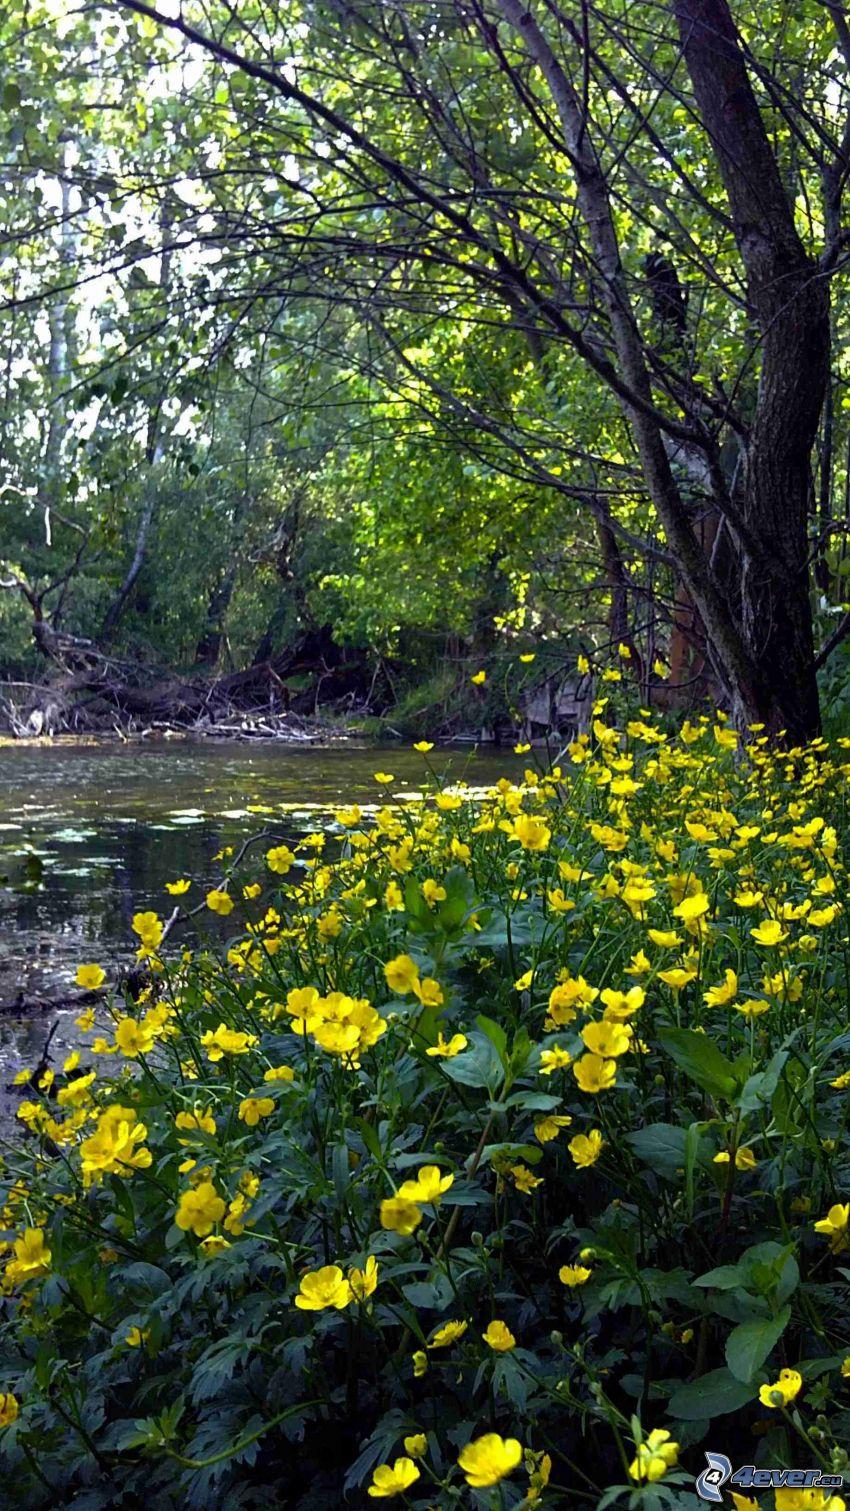 kvety, potok, listnaté stromy